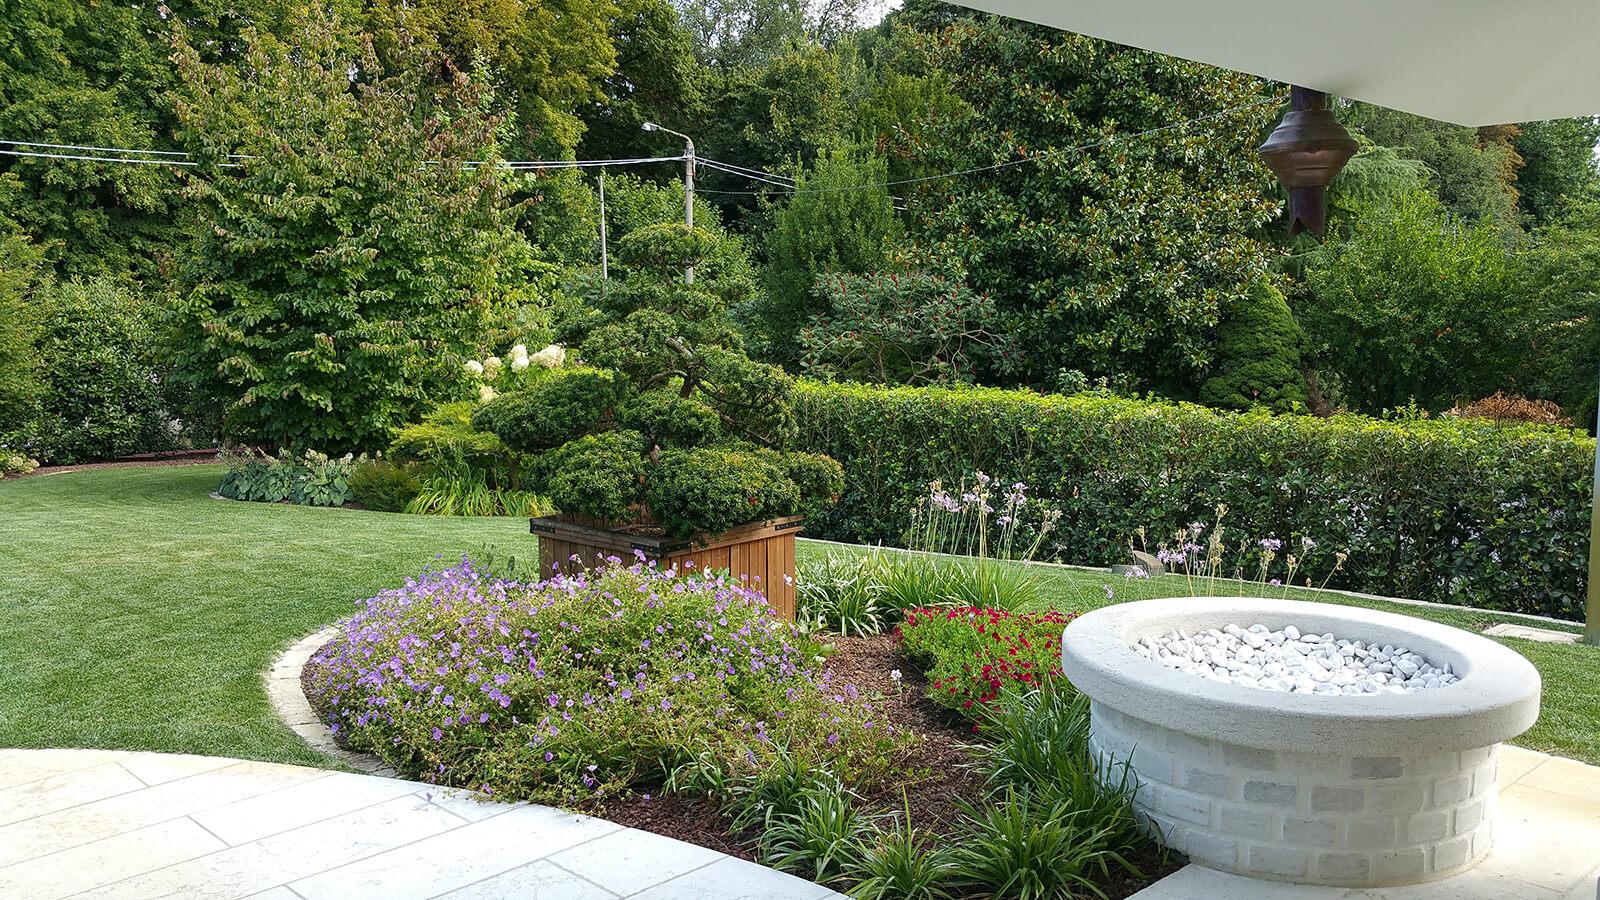 progettazione realizzazione giardini monticello conte otto - verde blu giardini 18